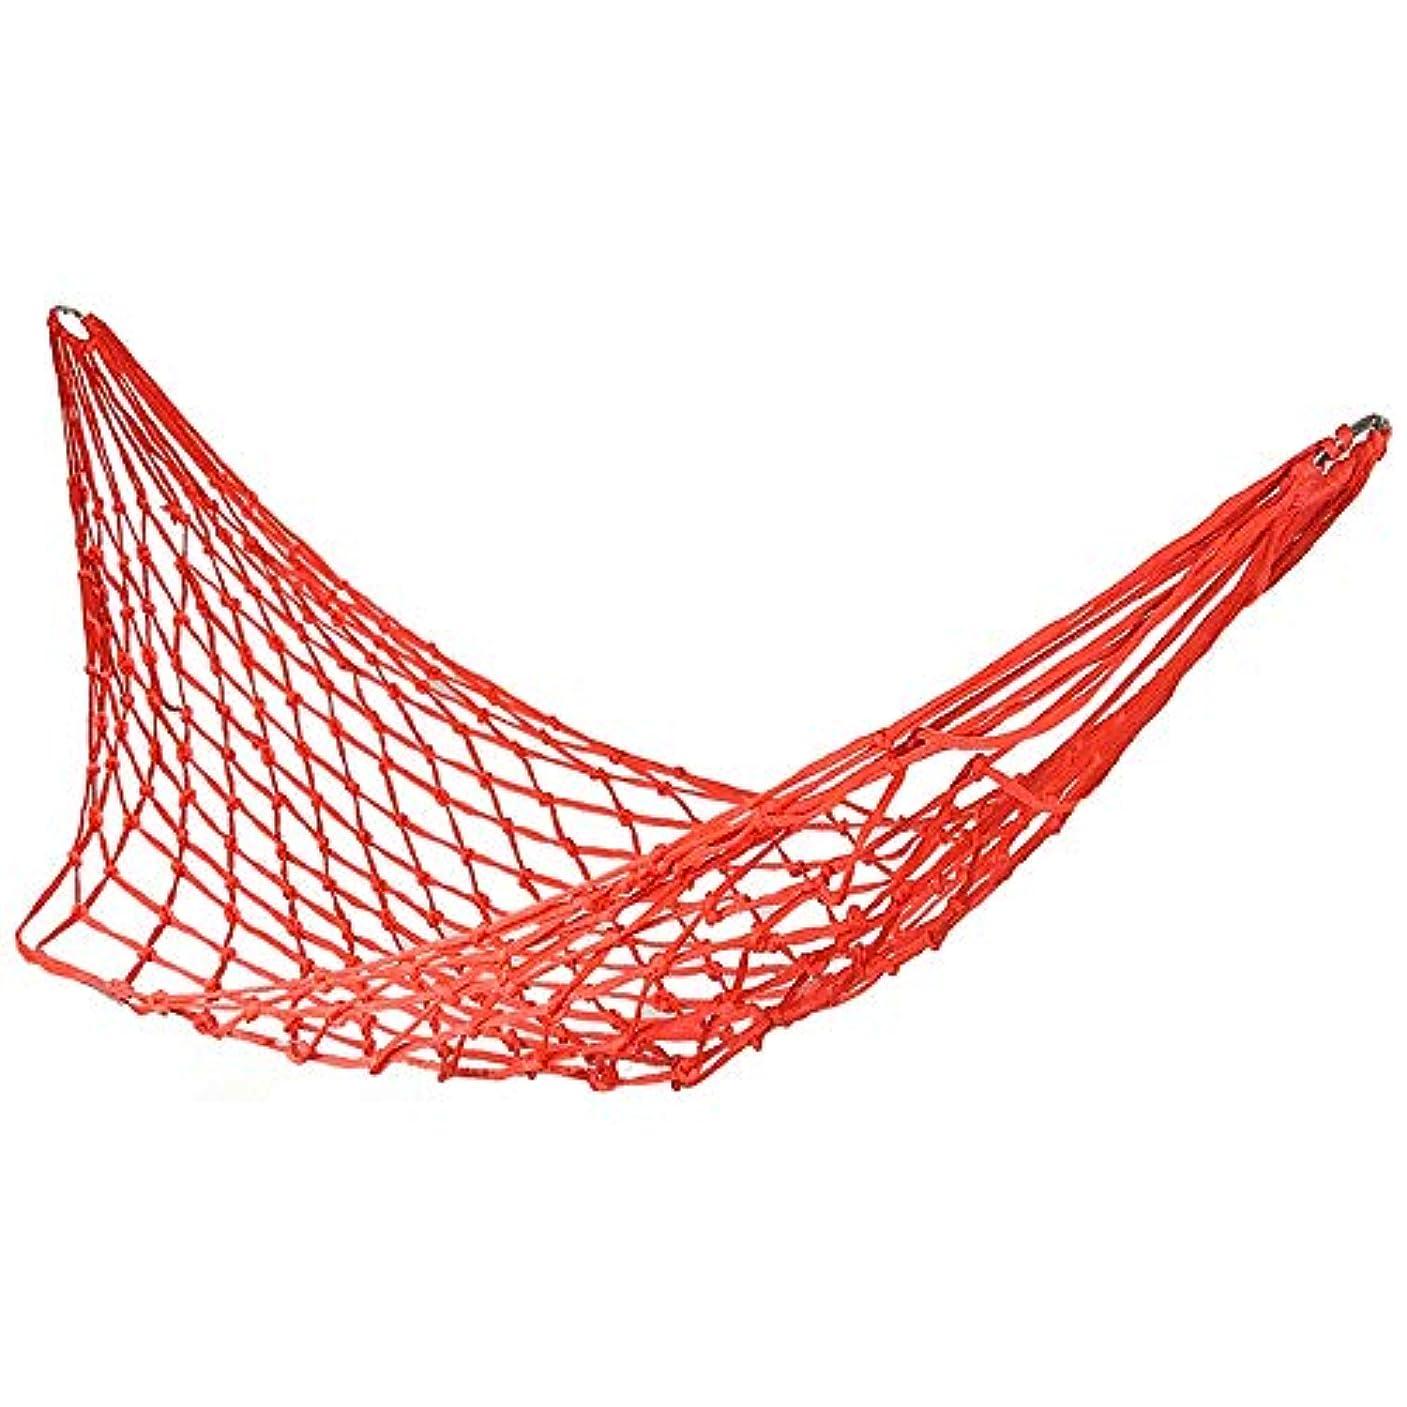 決定するますます天井ロープハンモック、旅行キャンプのハンモックアウトドアスポーツハンモック快適なハンギングナイロンメッシュロープハンモック、キャンプ、ビーチ